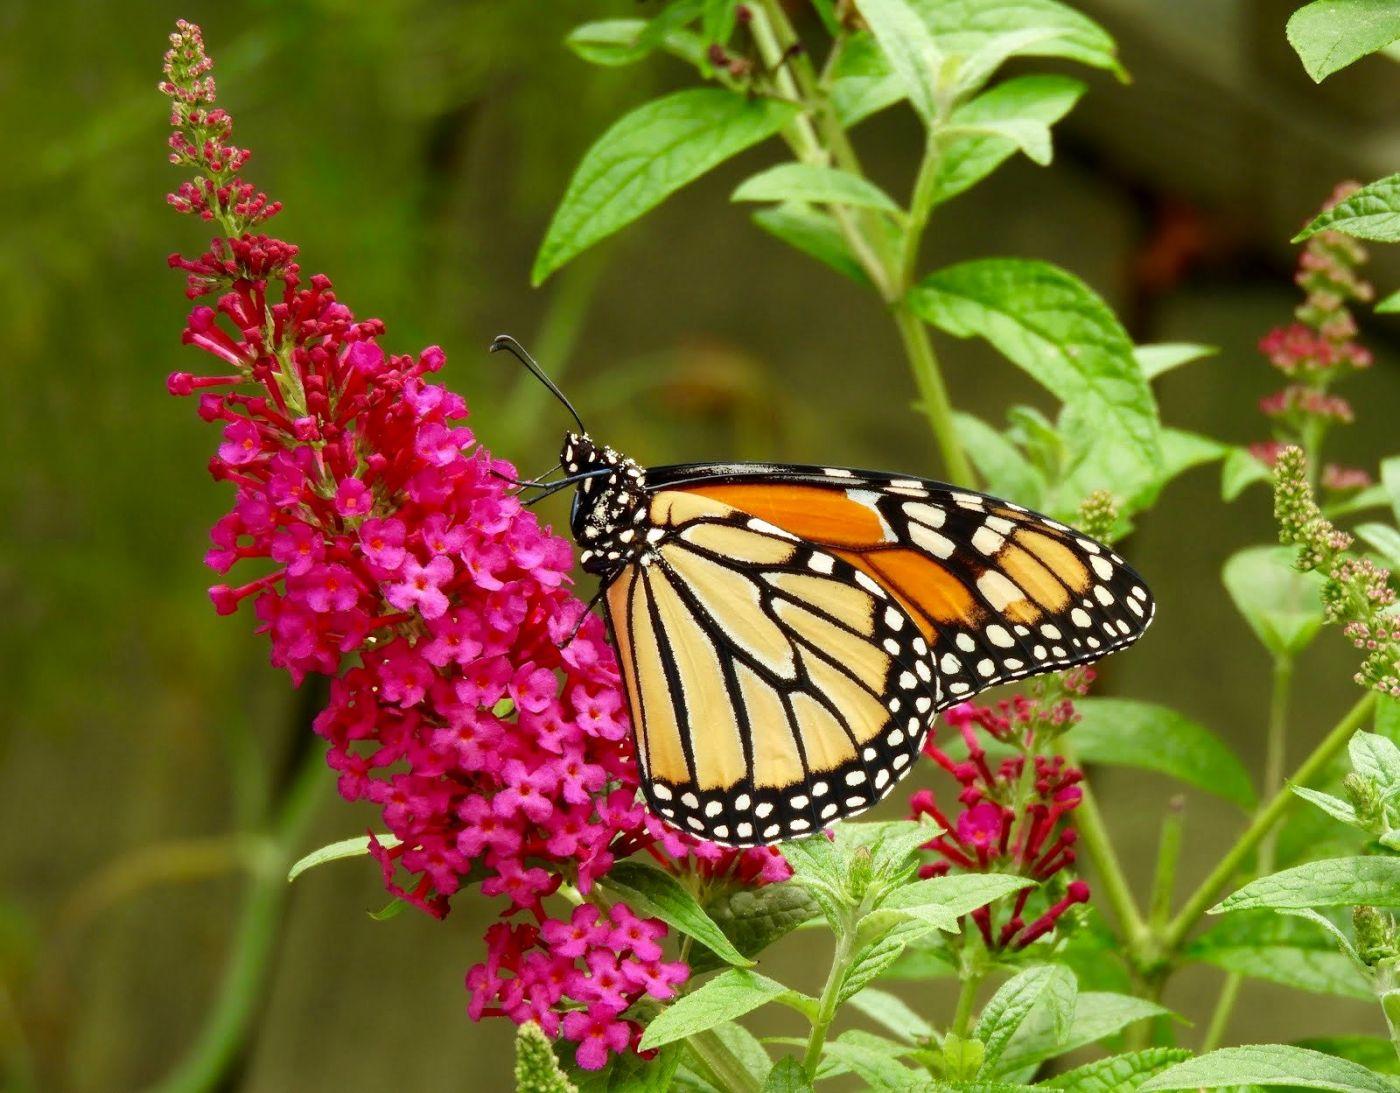 赫尔希花园看蝴蝶_图1-16